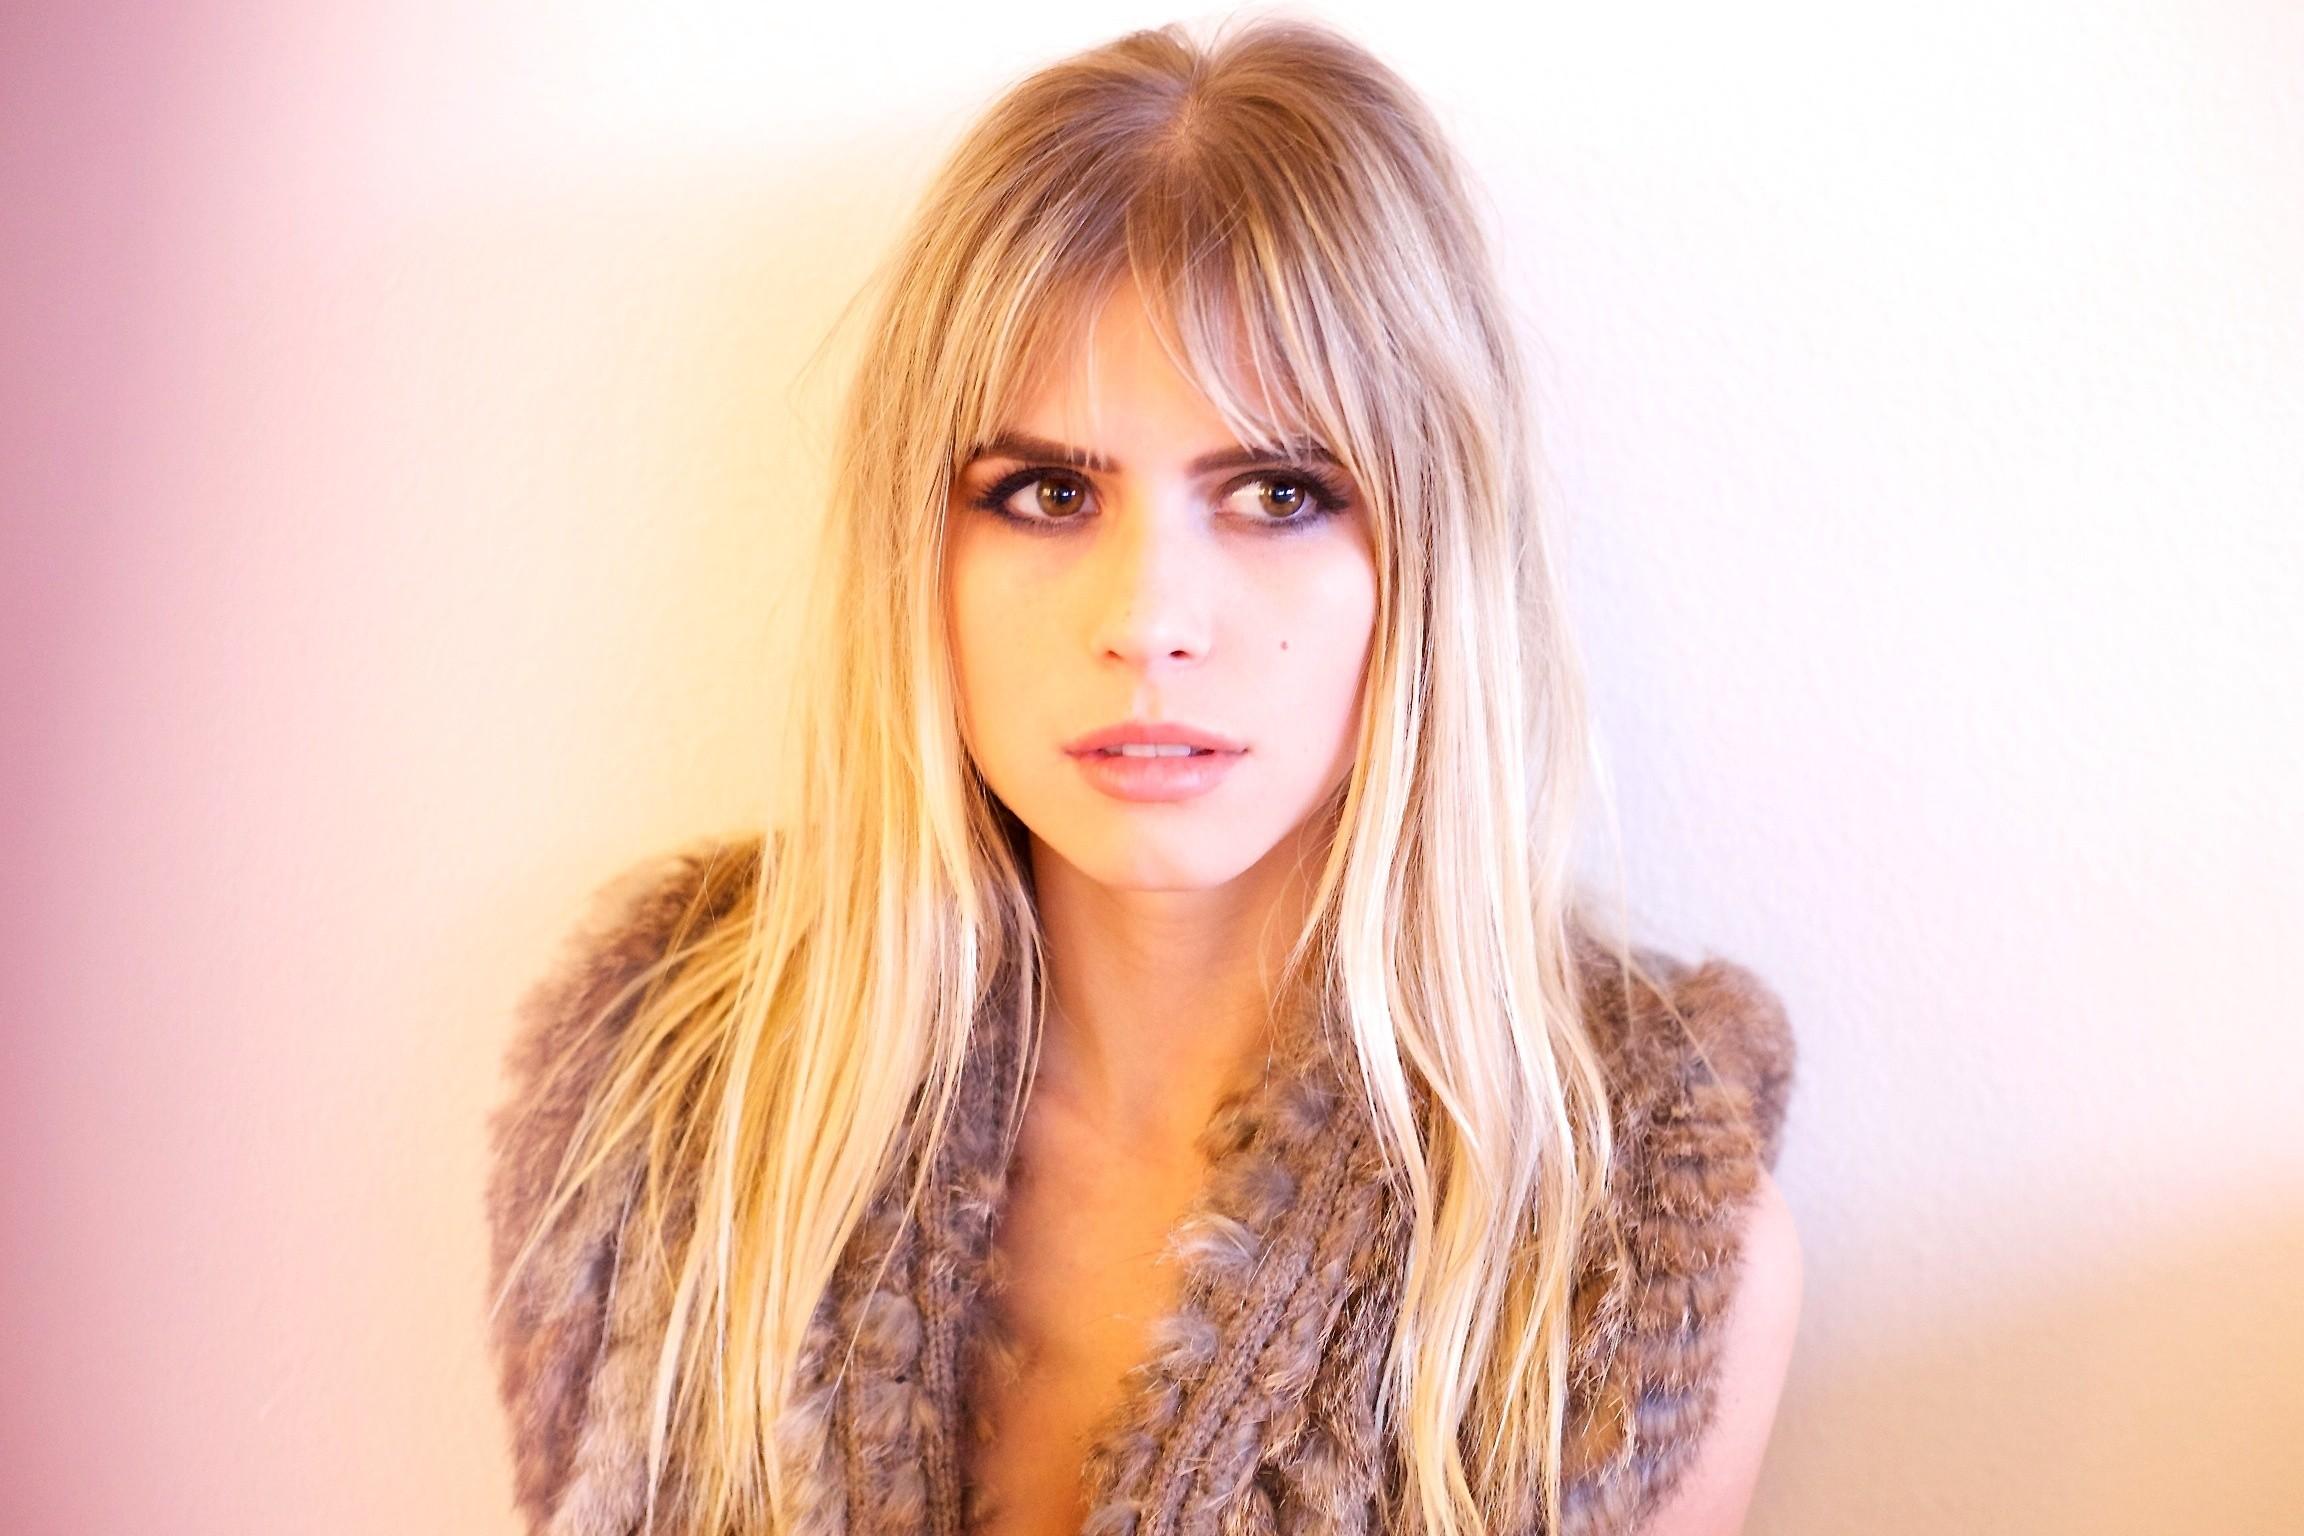 Wallpaper Face Women Model Blonde Looking Away Long